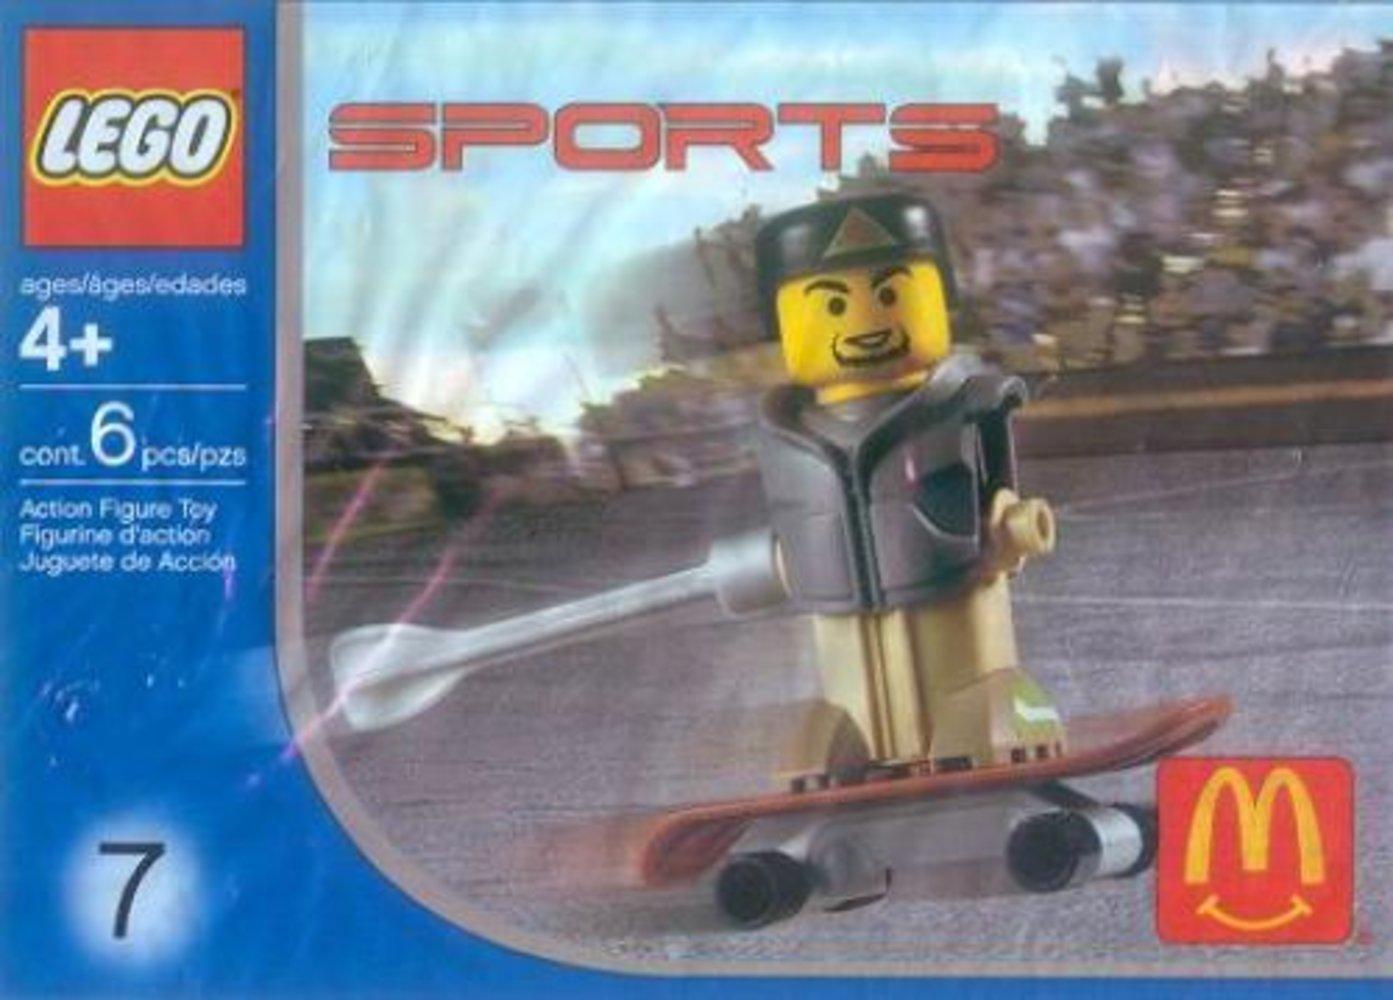 Gray Vest Skateboarder